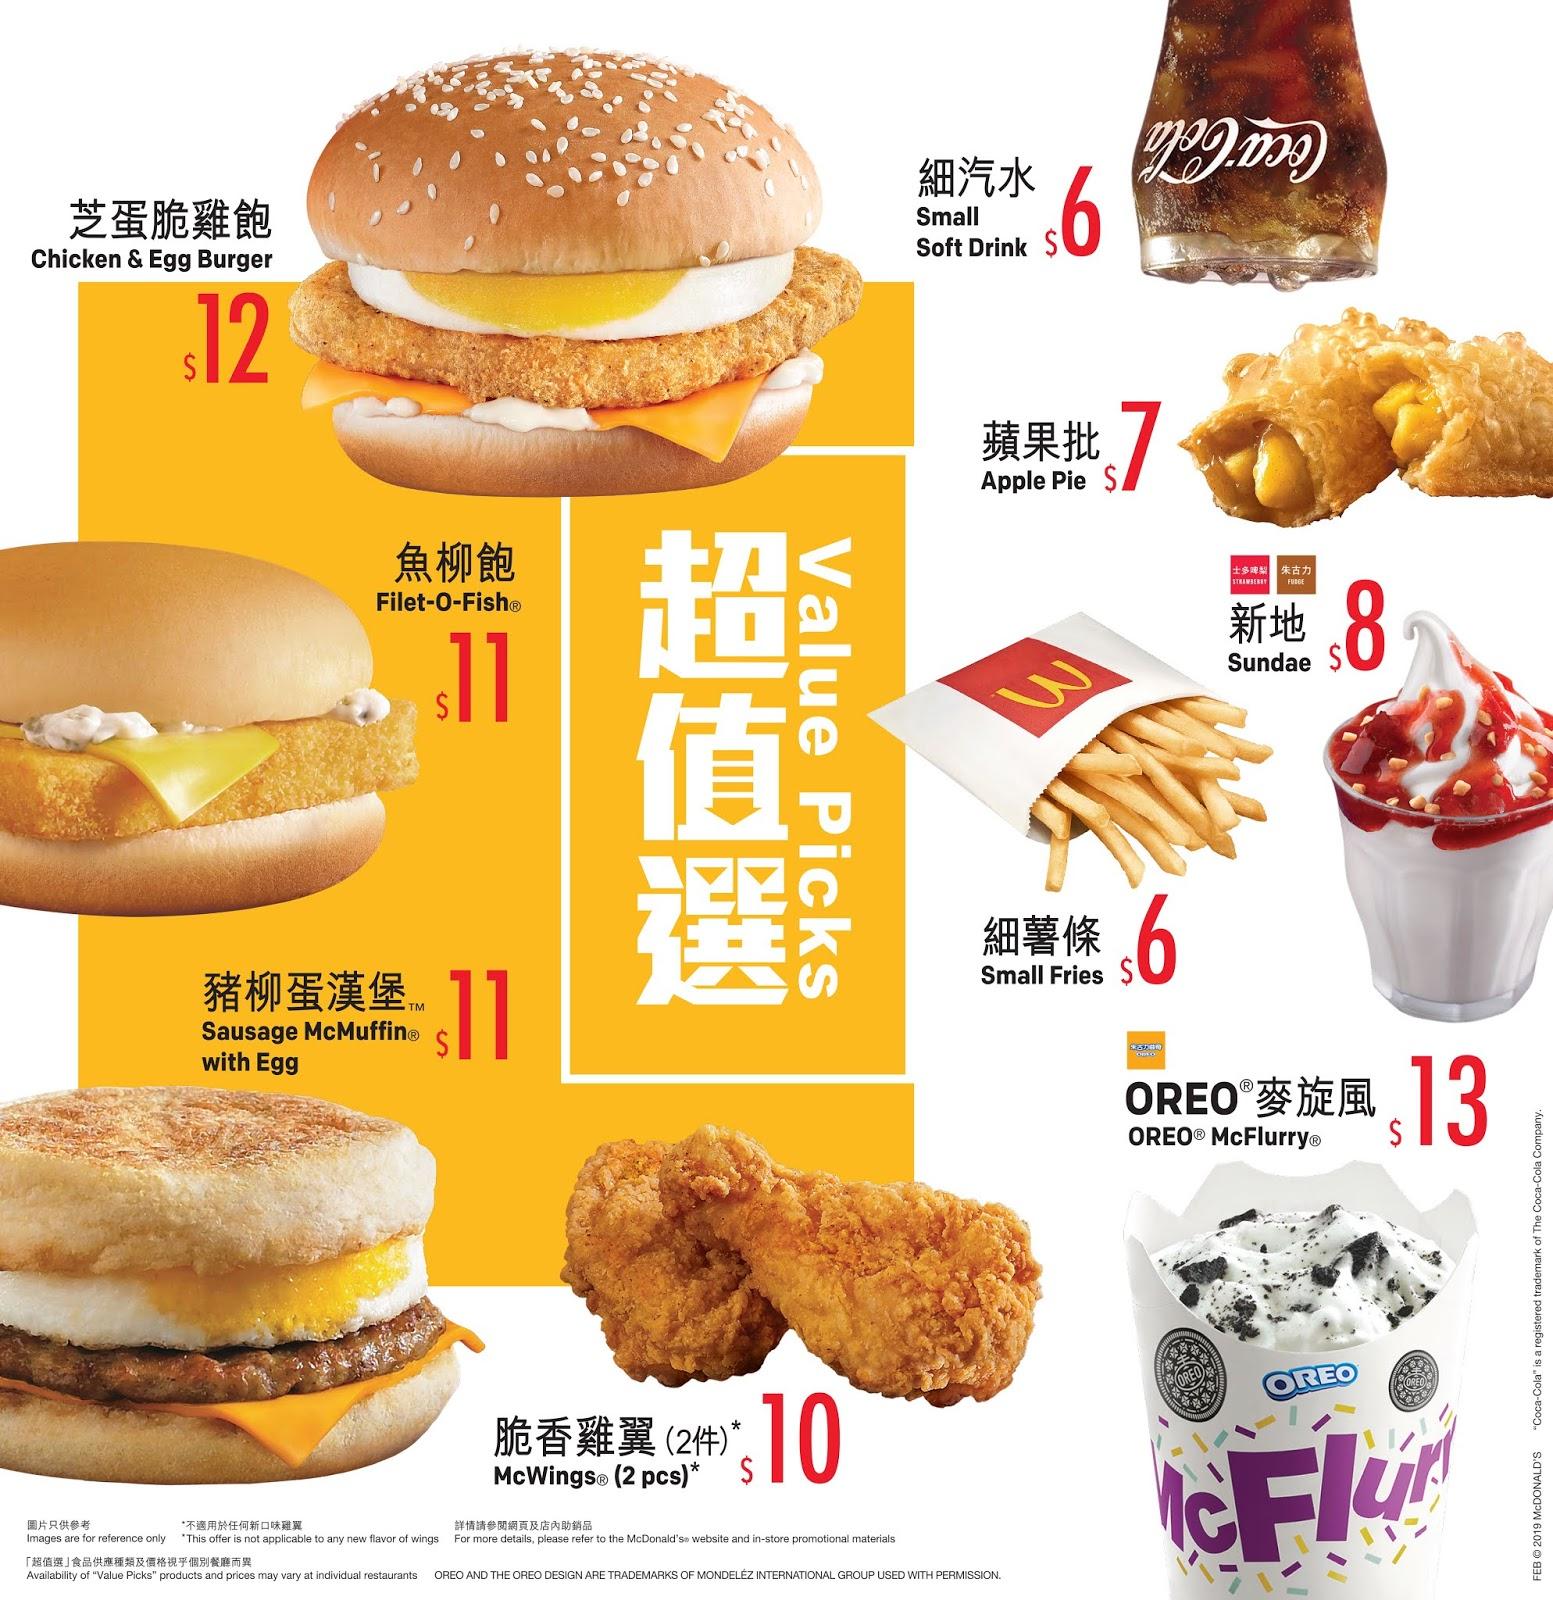 麥當勞超值選優惠詳情 Mcdonald's M記 - 麥麥fans